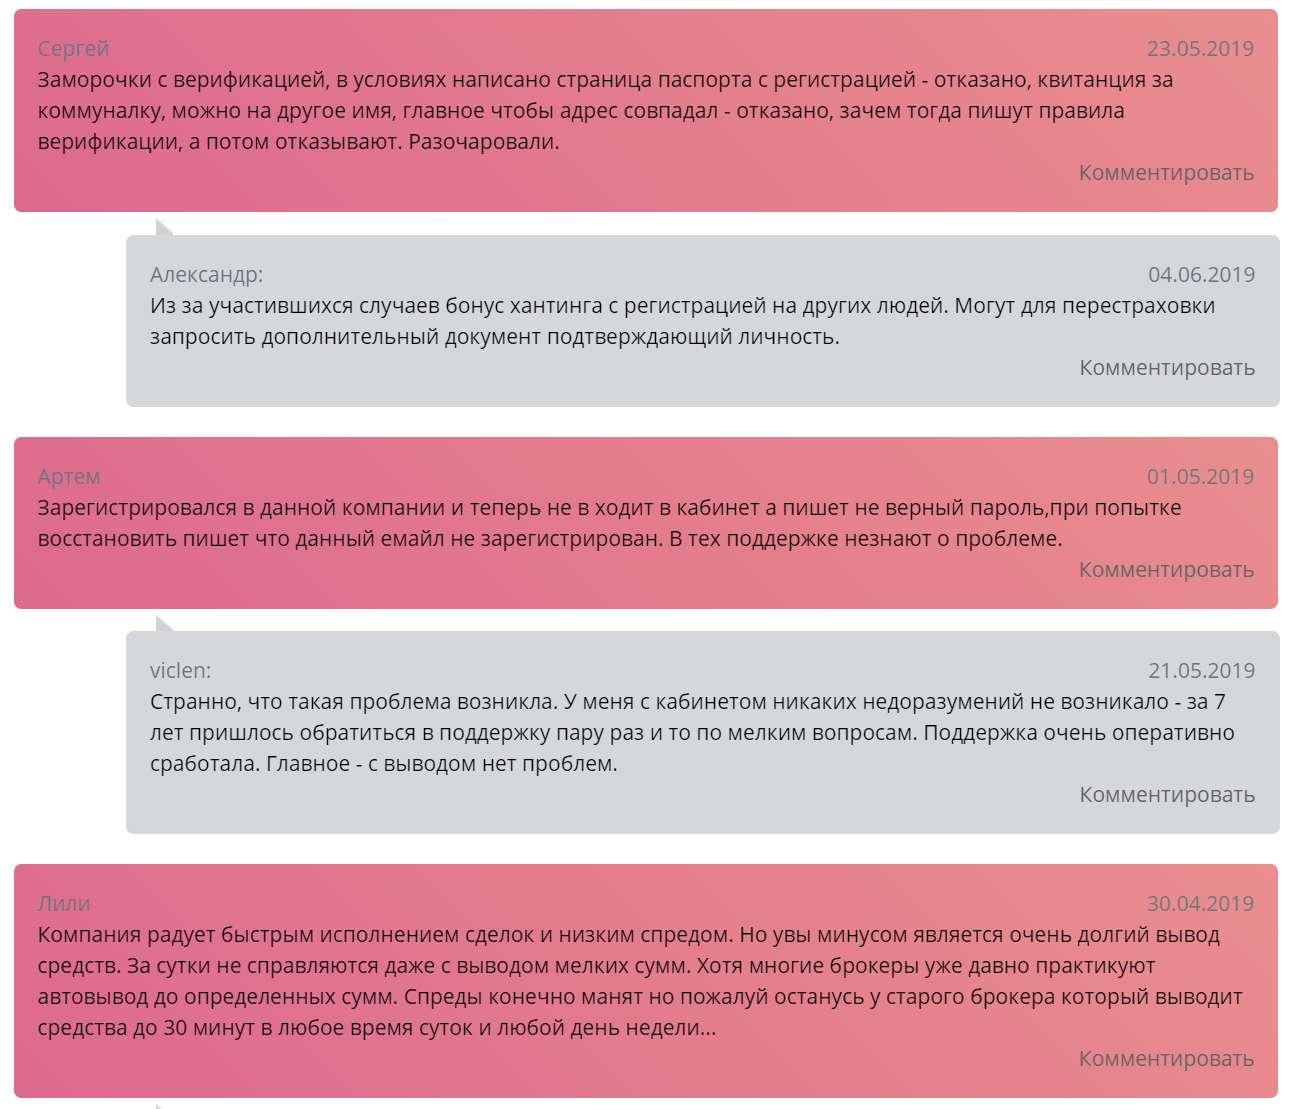 FxOpen - надежный брокер или лохотрон? Отзывы, обзор и наше мнение.